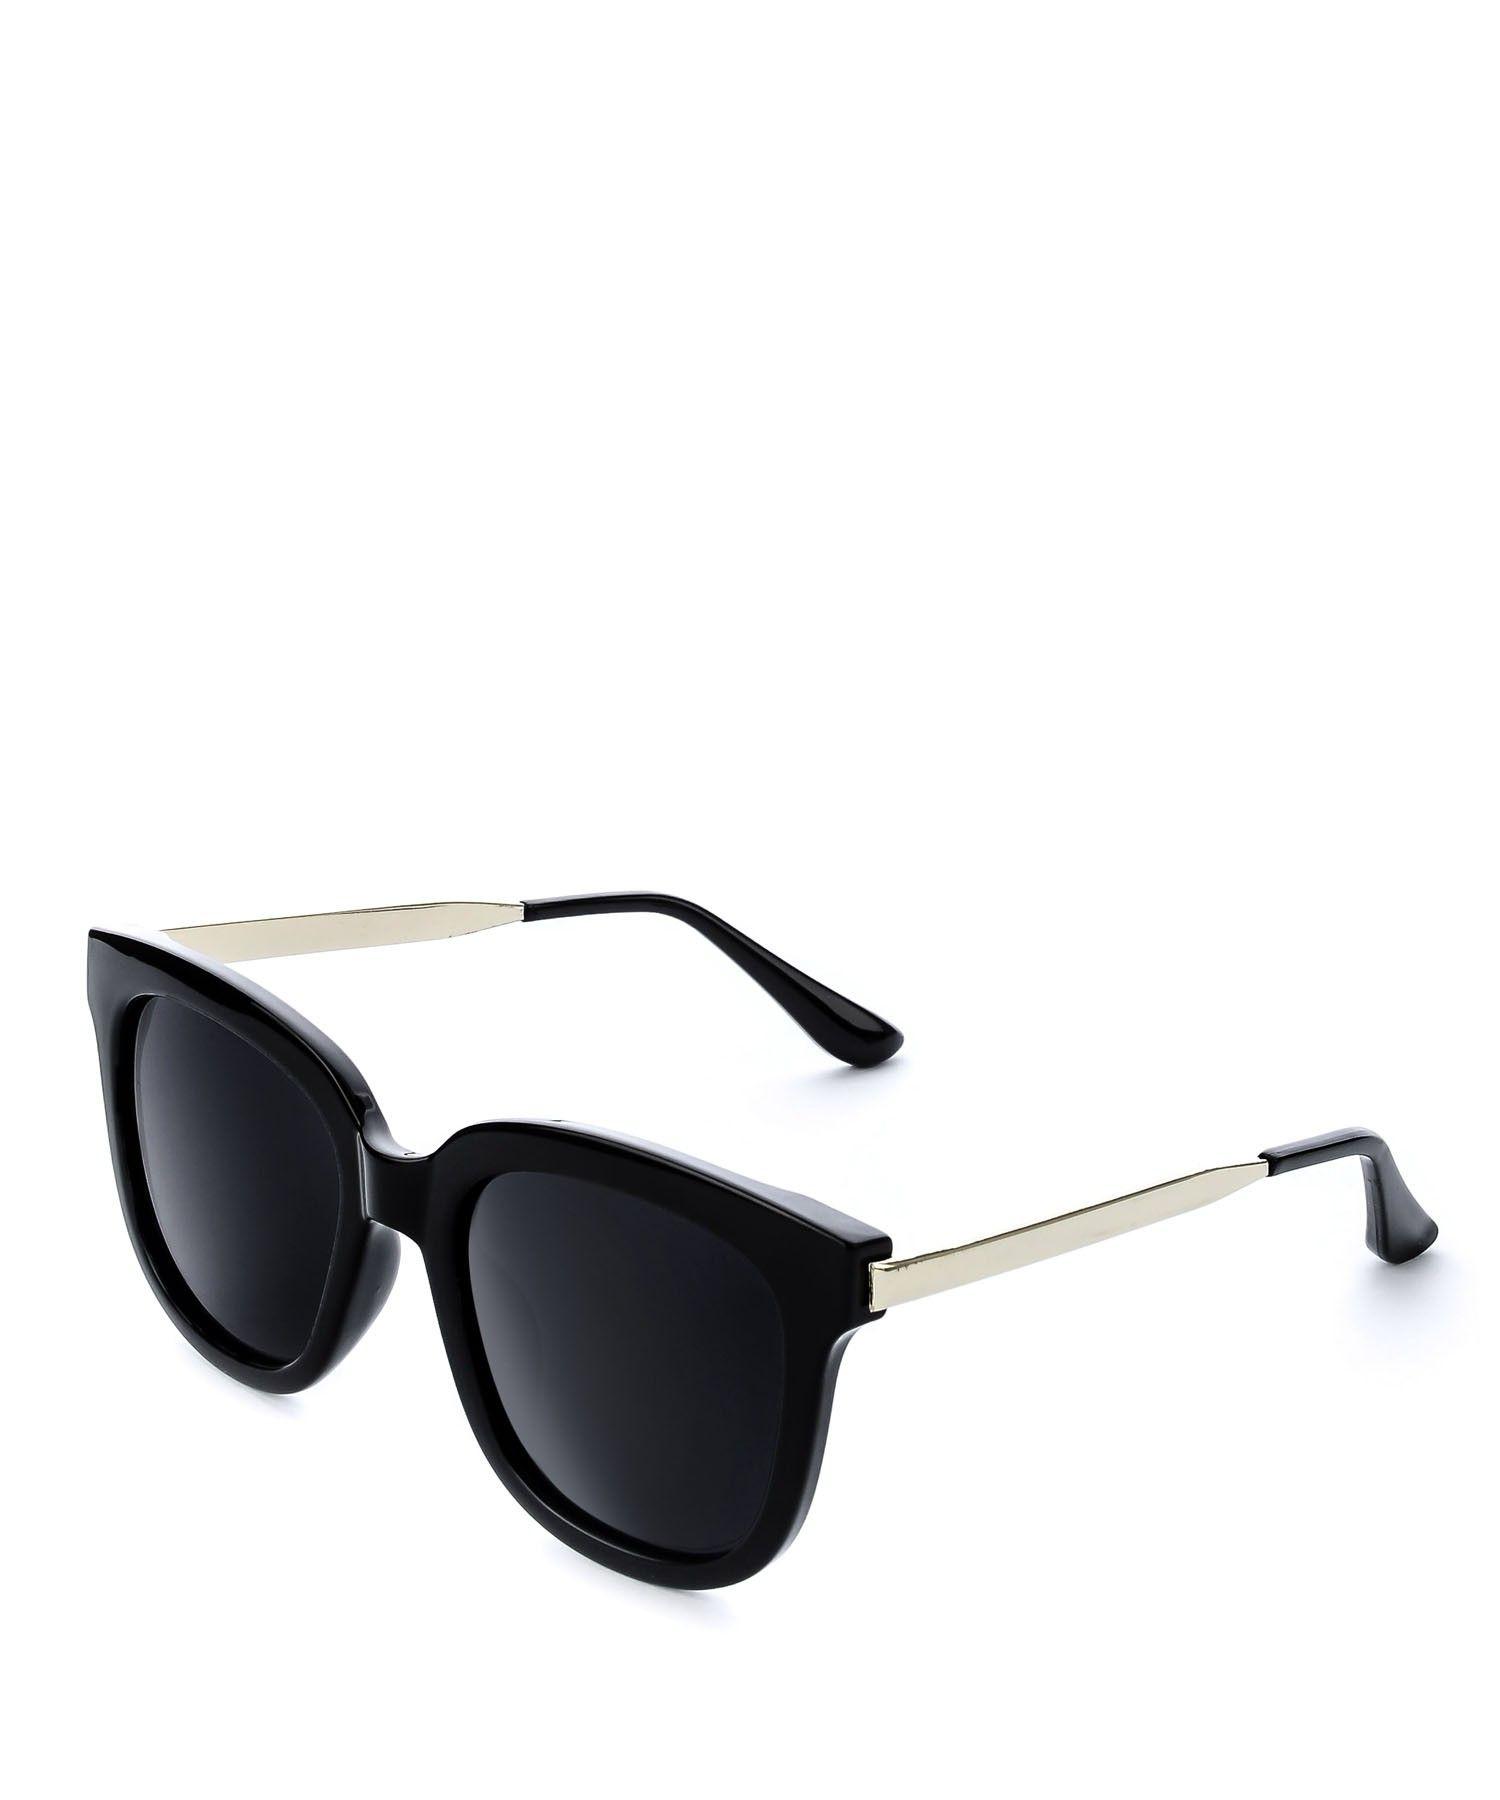 bd2c2f696fab36 Okulary przeciwsłoneczne typu Wayfarer z czarnymi szkłami in 2019 ...